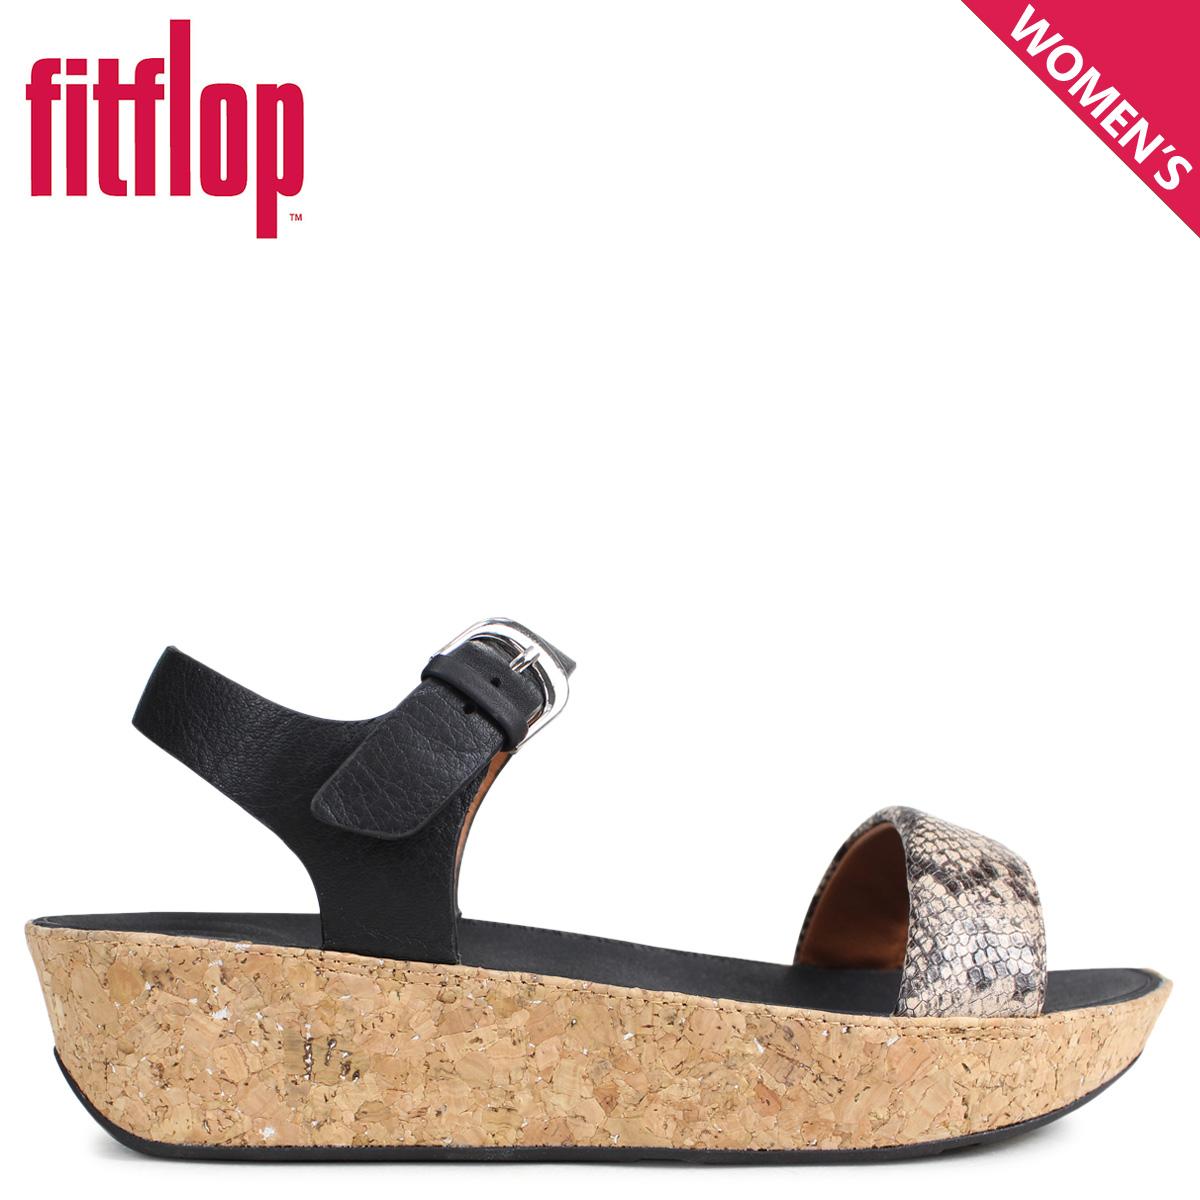 312d5f2dc09e2 Sugar Online Shop  Fitting FLOP sandals FitFlop 2